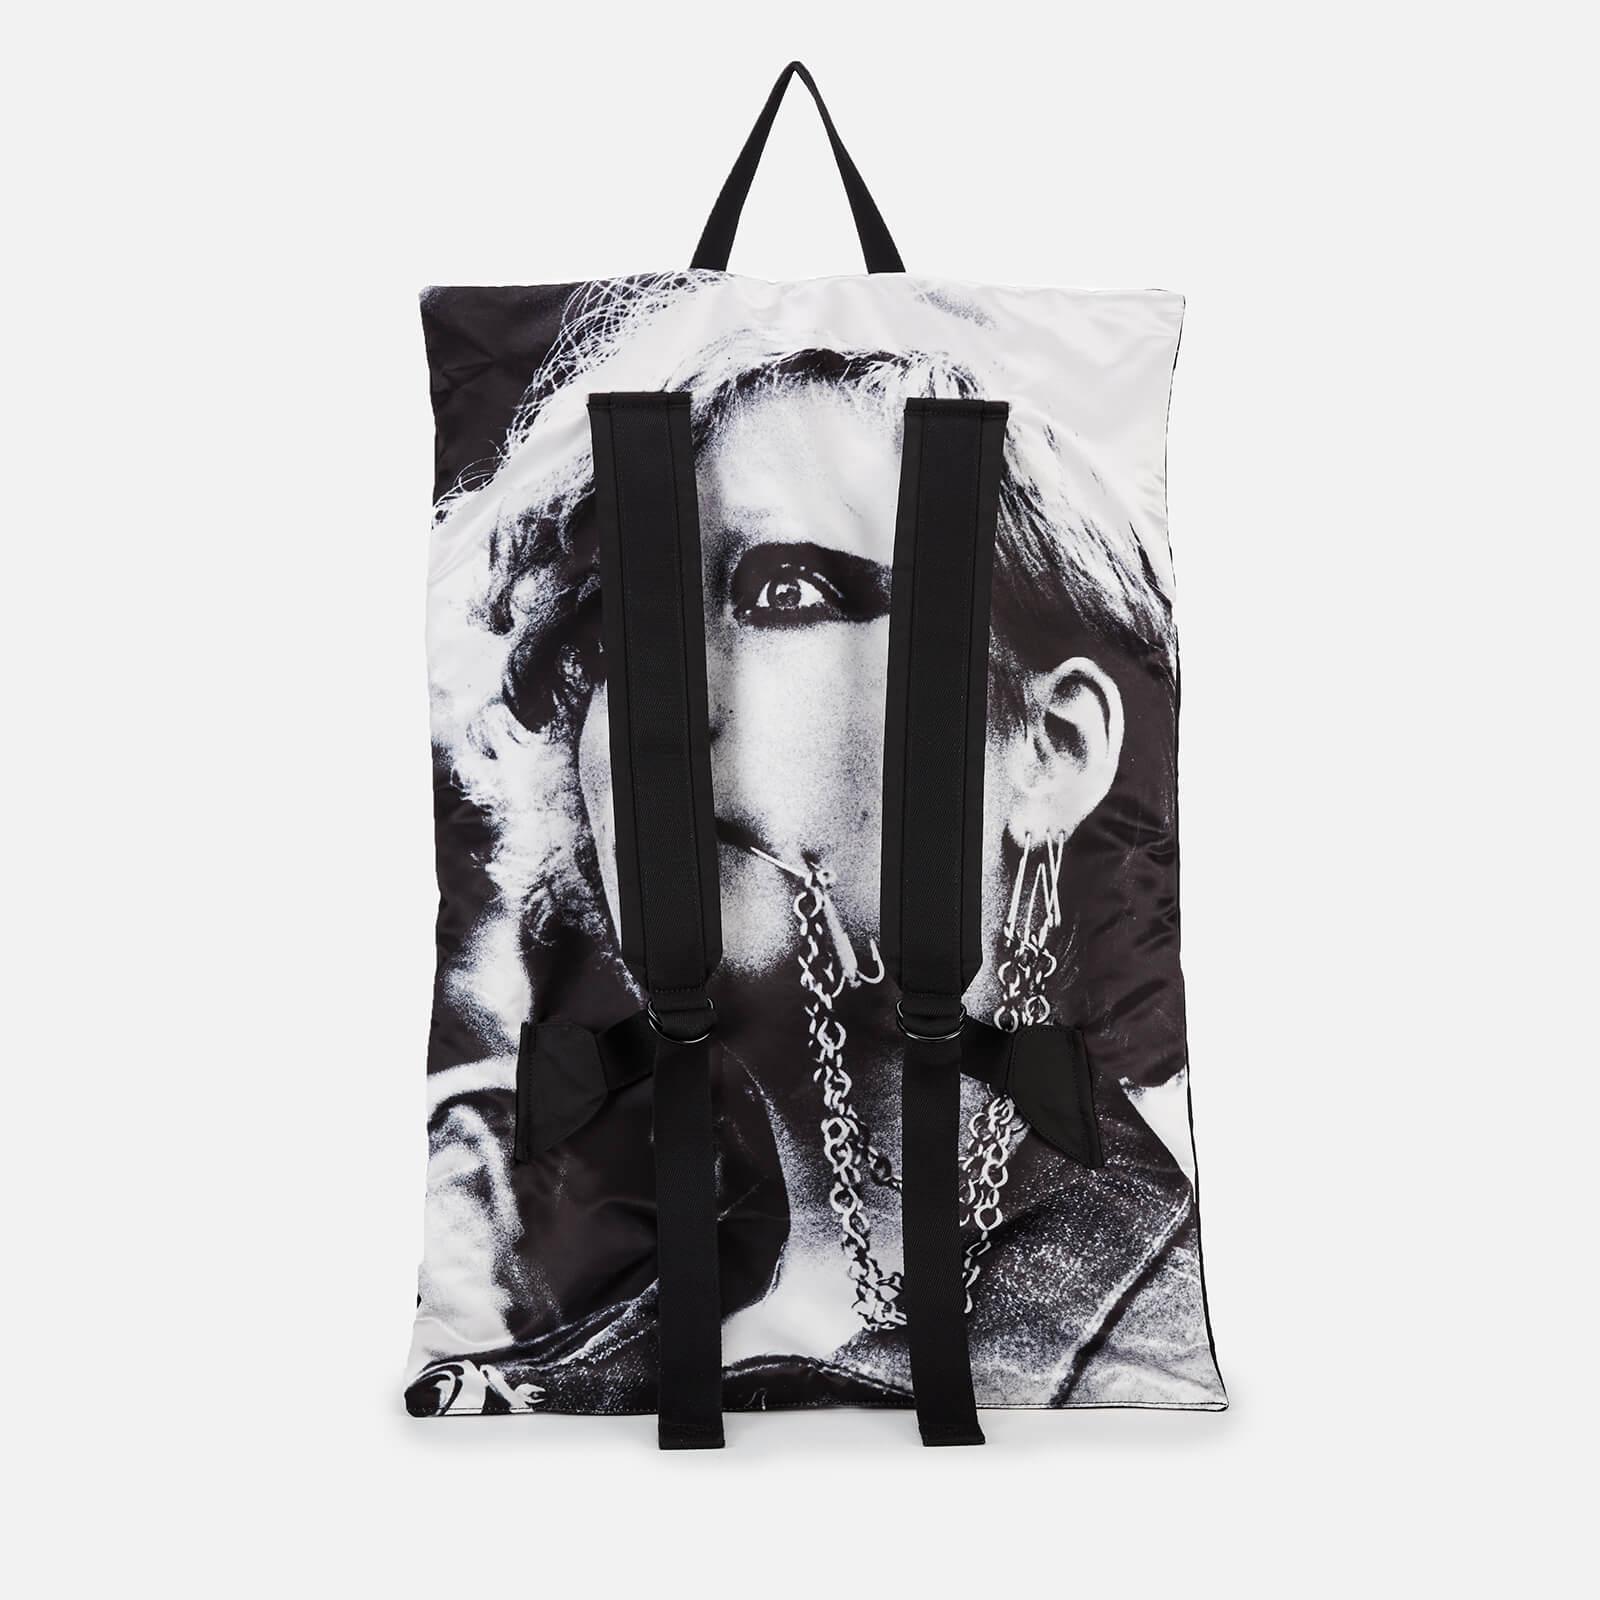 Eastpak X Raf Simons Men's Poster Backpack - Black Cotton